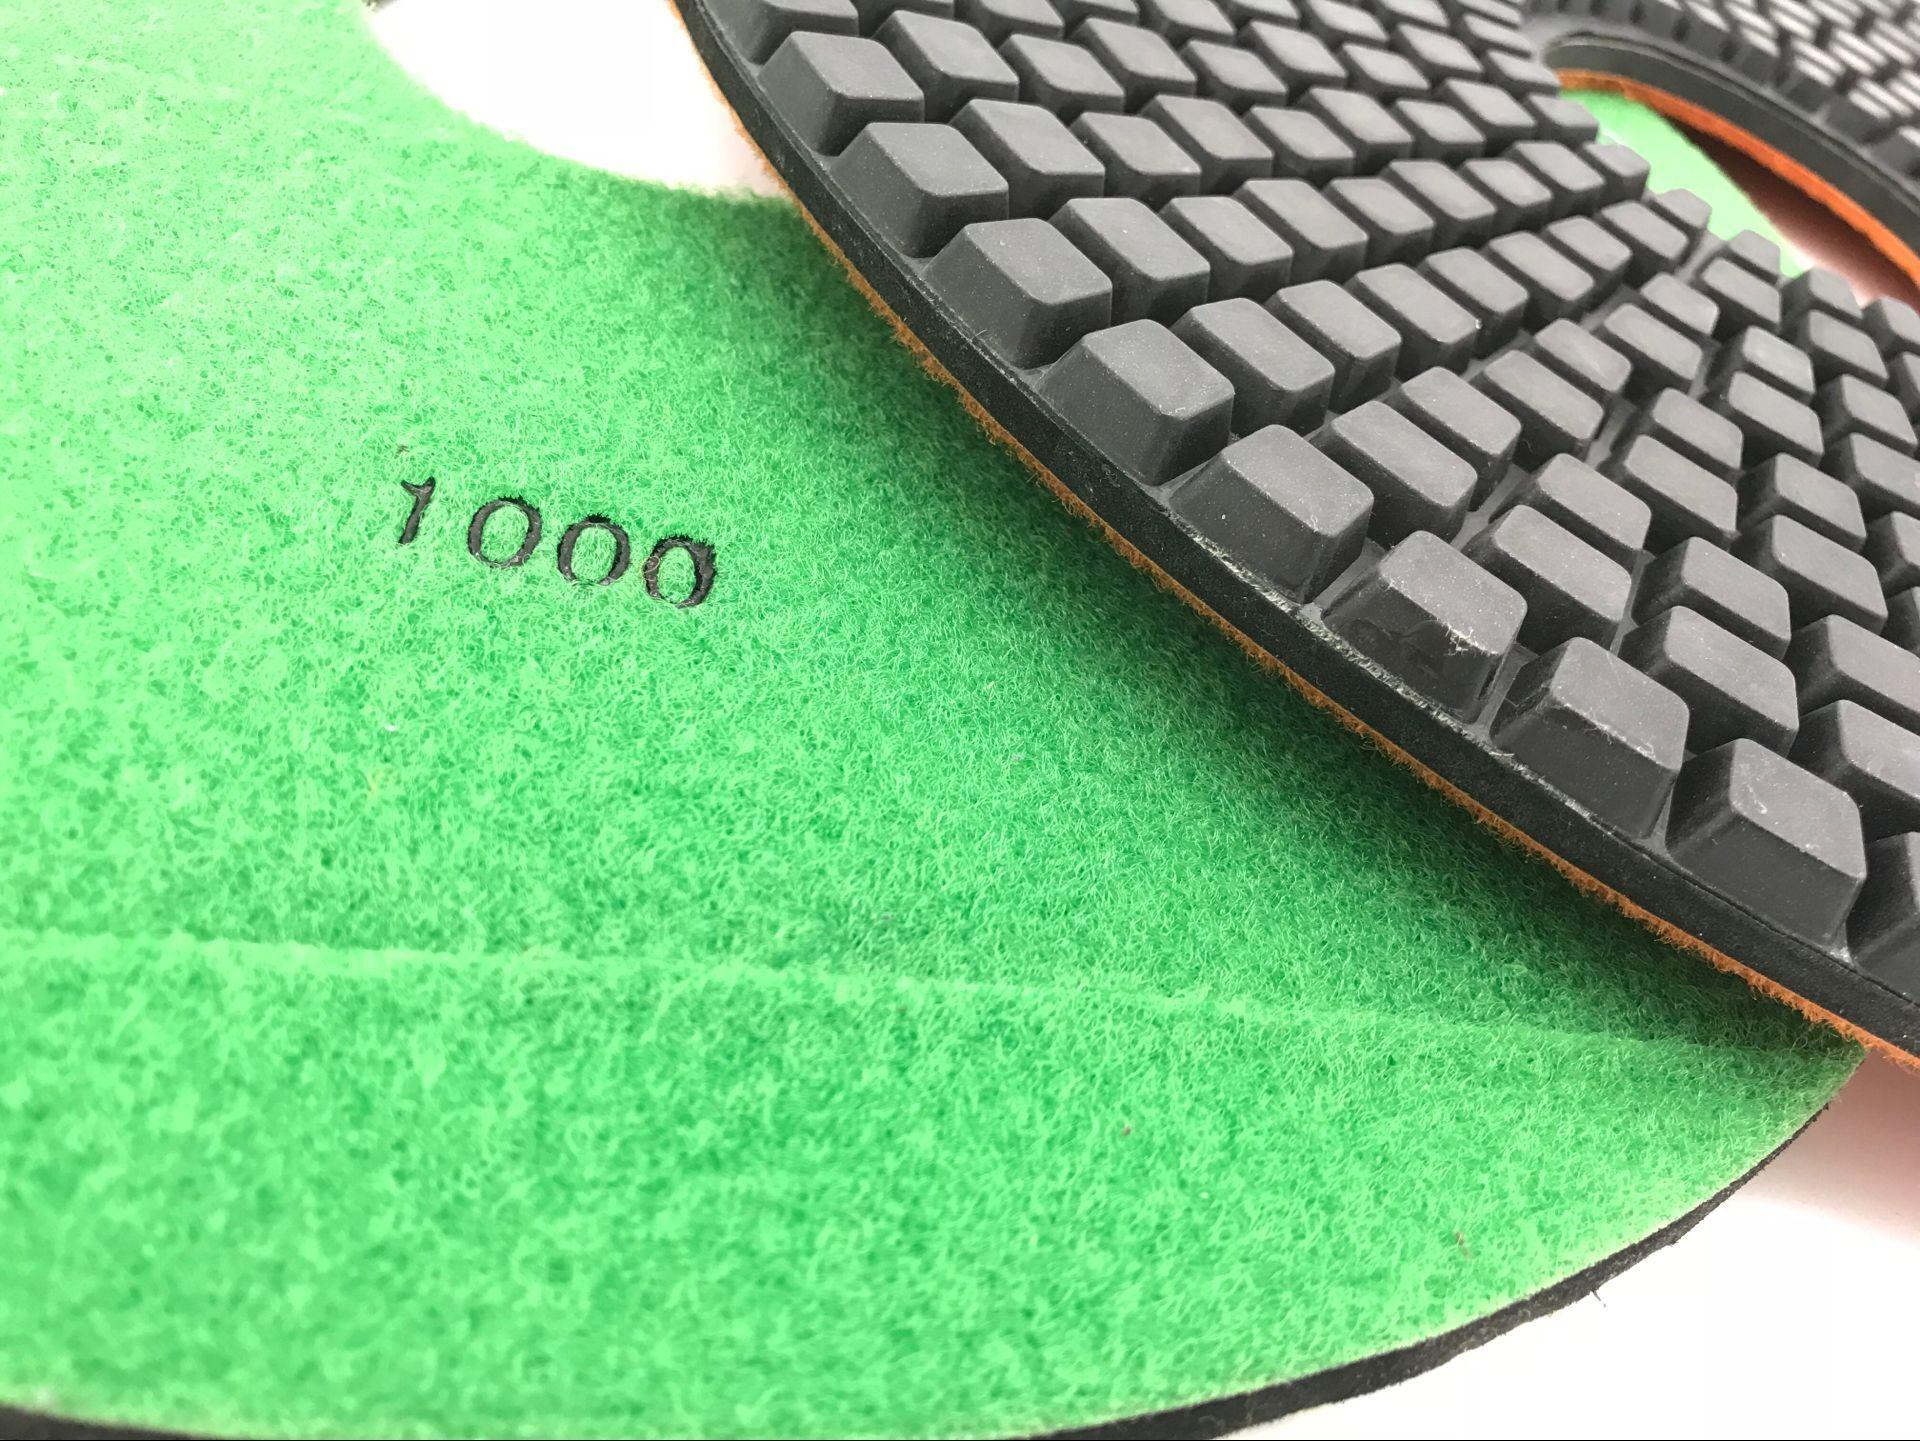 """8 """"pulgadas 200mm almohadillas de pulido de diamante para hormigón grantie mármol piedra suelo de reparación de vidrio de lijadora"""